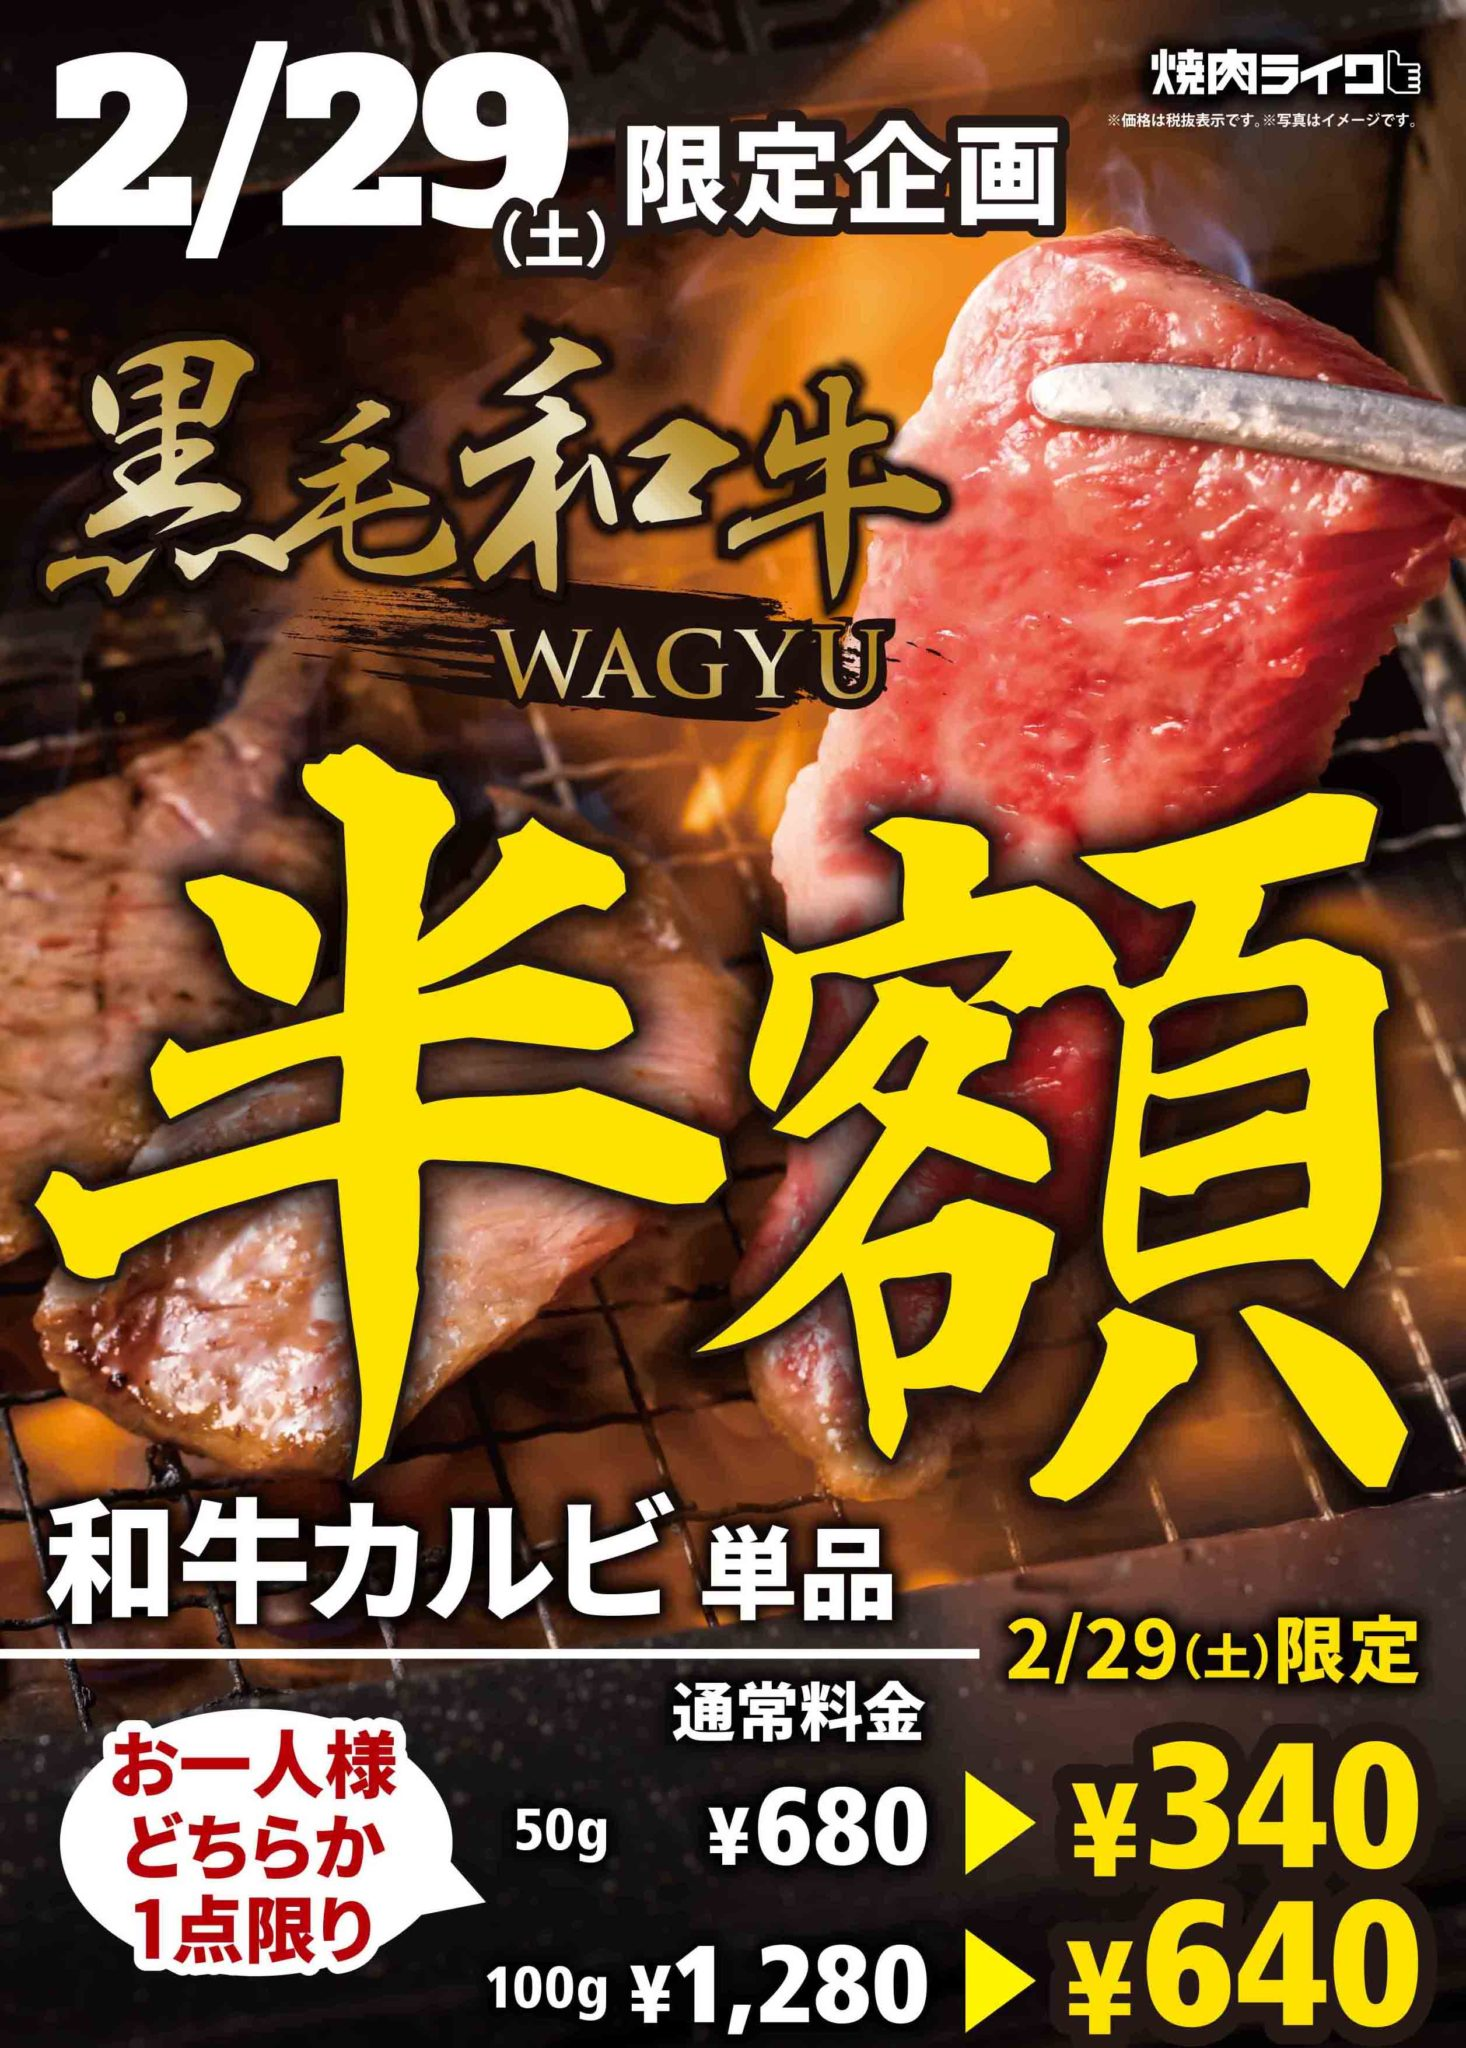 一人焼肉の和牛ライクで黒毛和牛カルビが半額。29日限定。